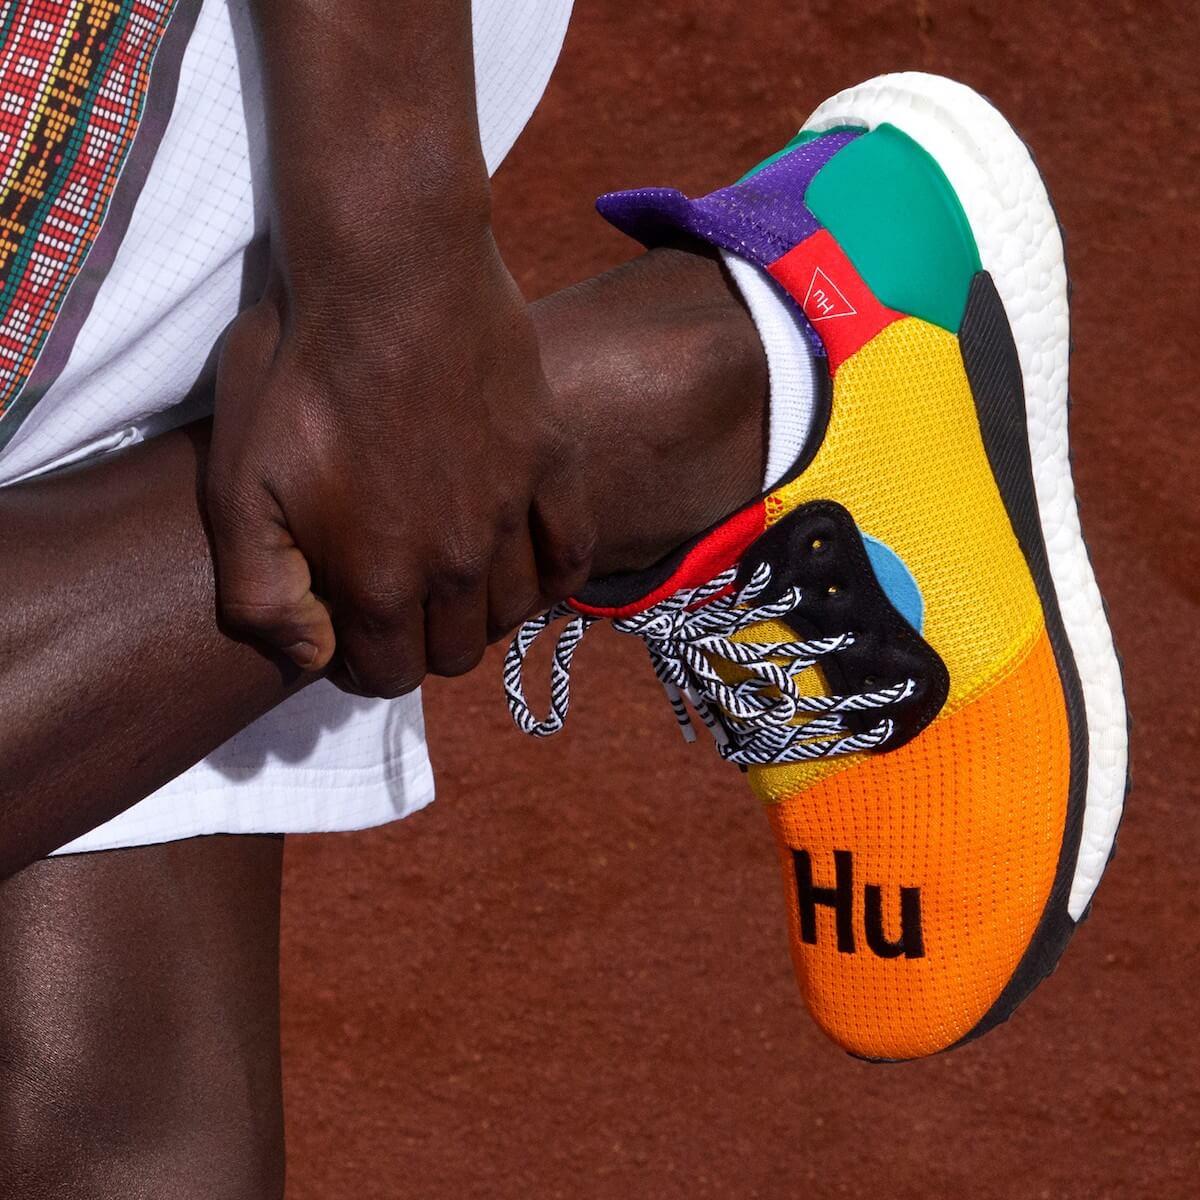 アディダス×ファレル・ウィリアムス コラボコレクション新作が登場! fashion180919_adidas-pharrell_3